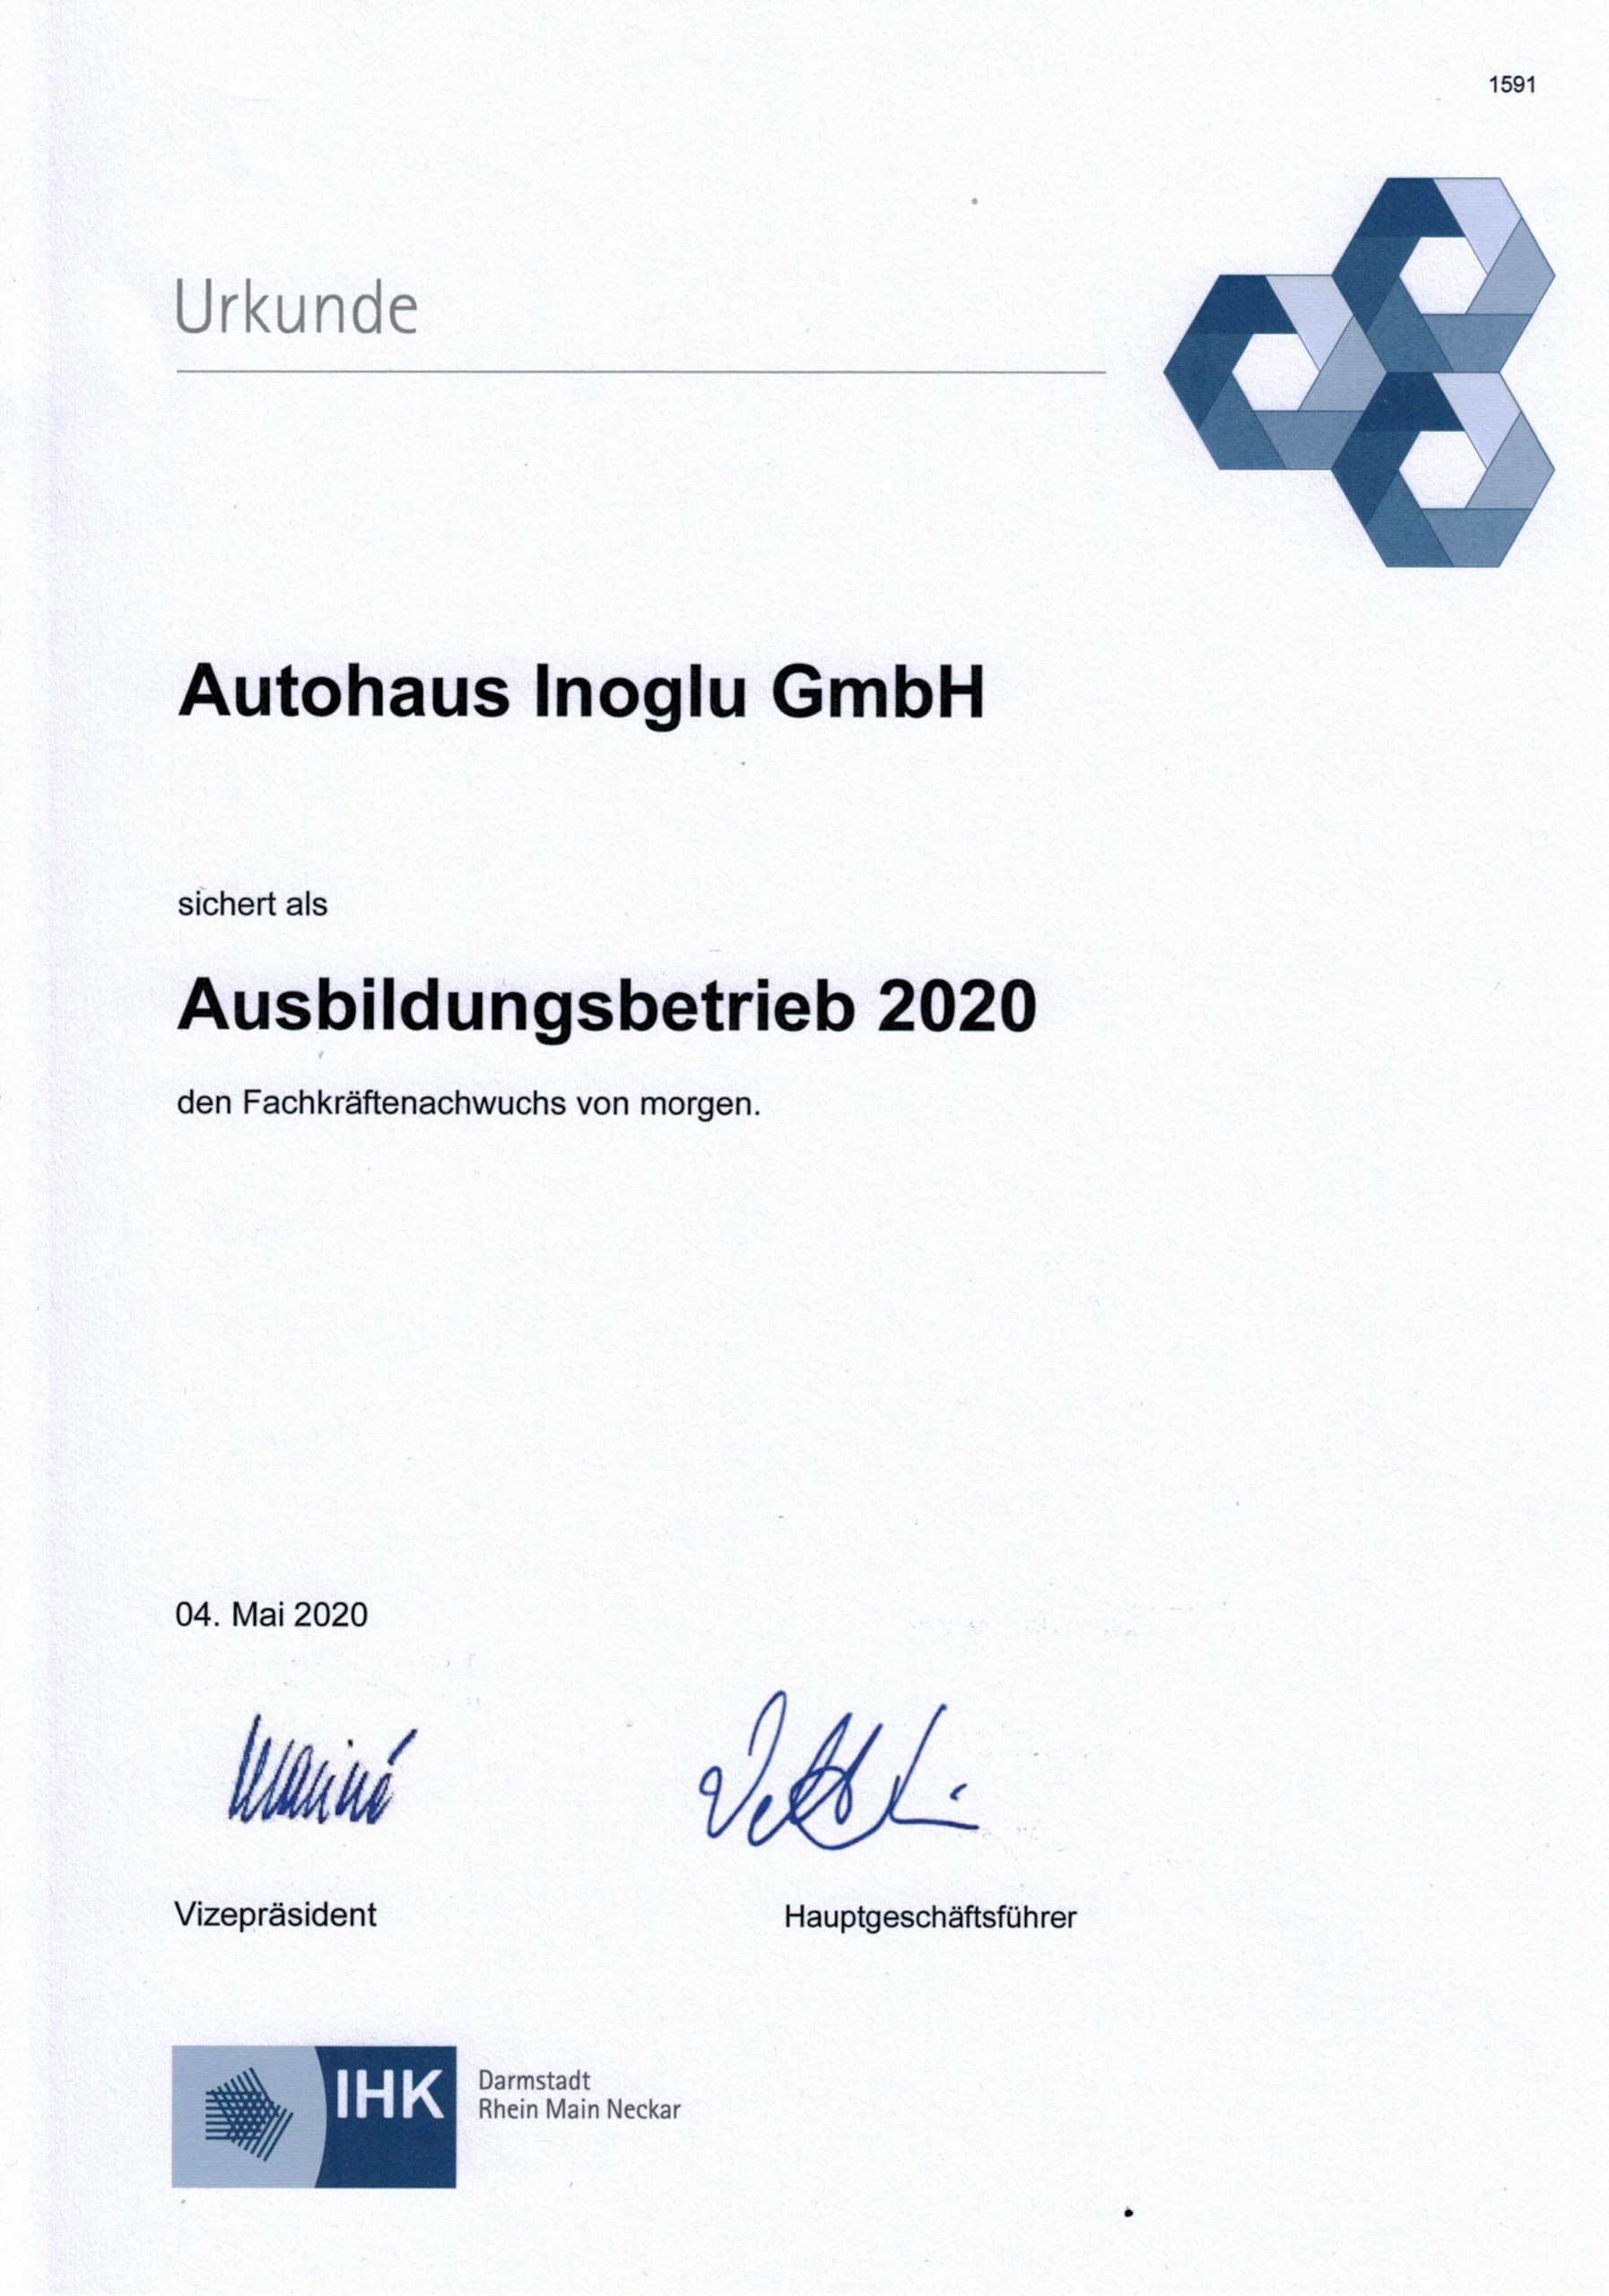 ihk_urkunde_2020